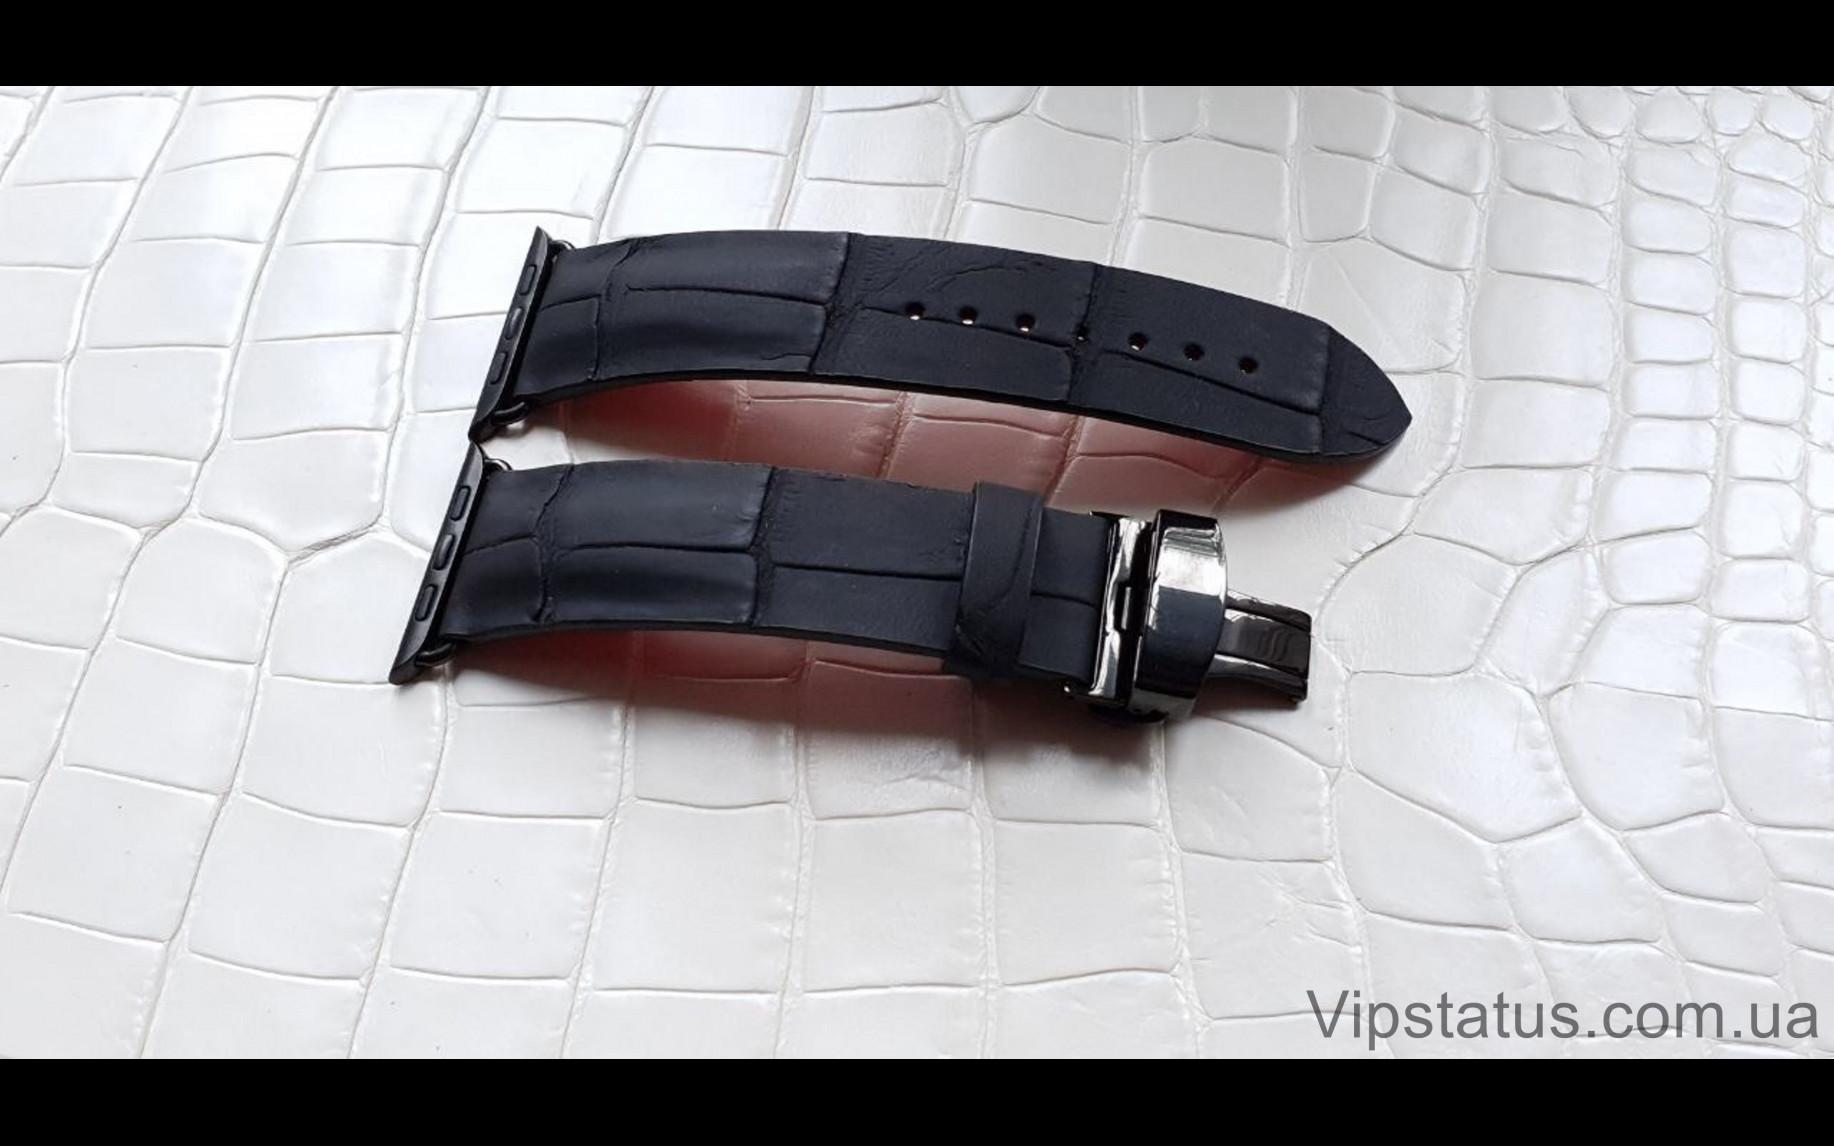 Elite Montblanc Премиум ремешок кожа крокодила Montblanc Premium Crocodile Strap image 3